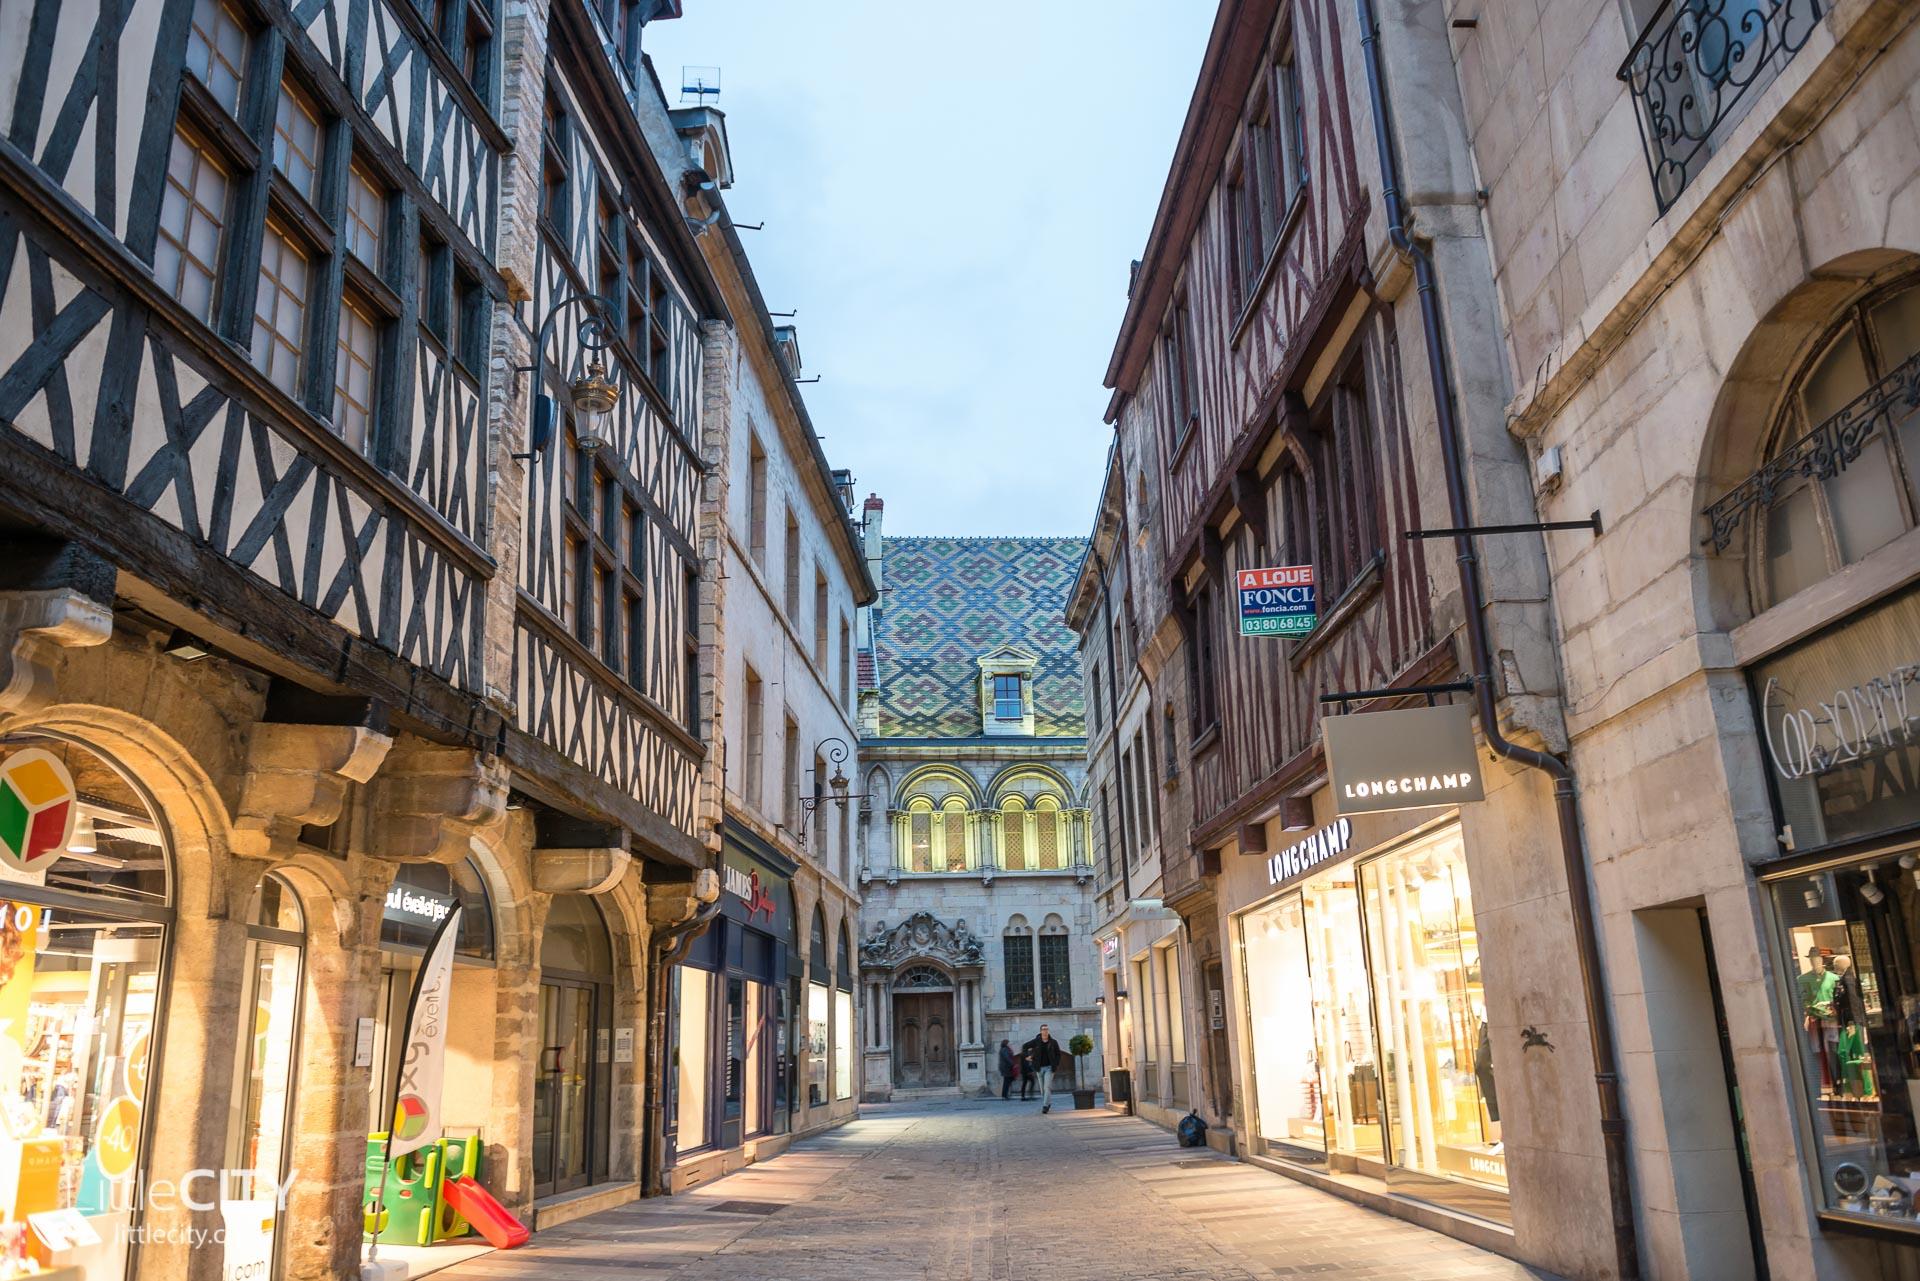 Dijon Städtetripp Reisetipps - Altstadt